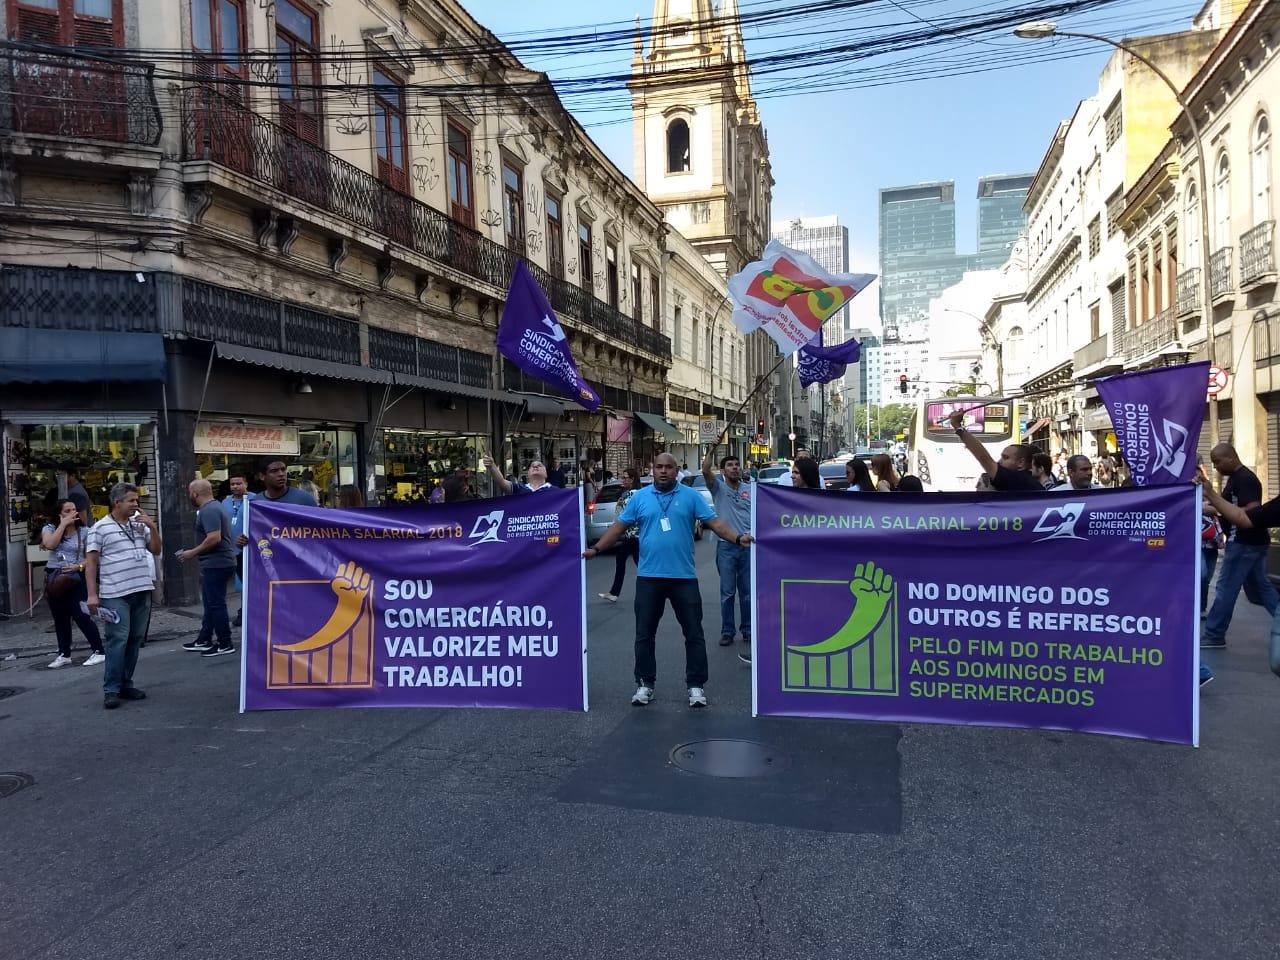 Comerciários do Rio não aceitam redução de direitos e podem paralisar